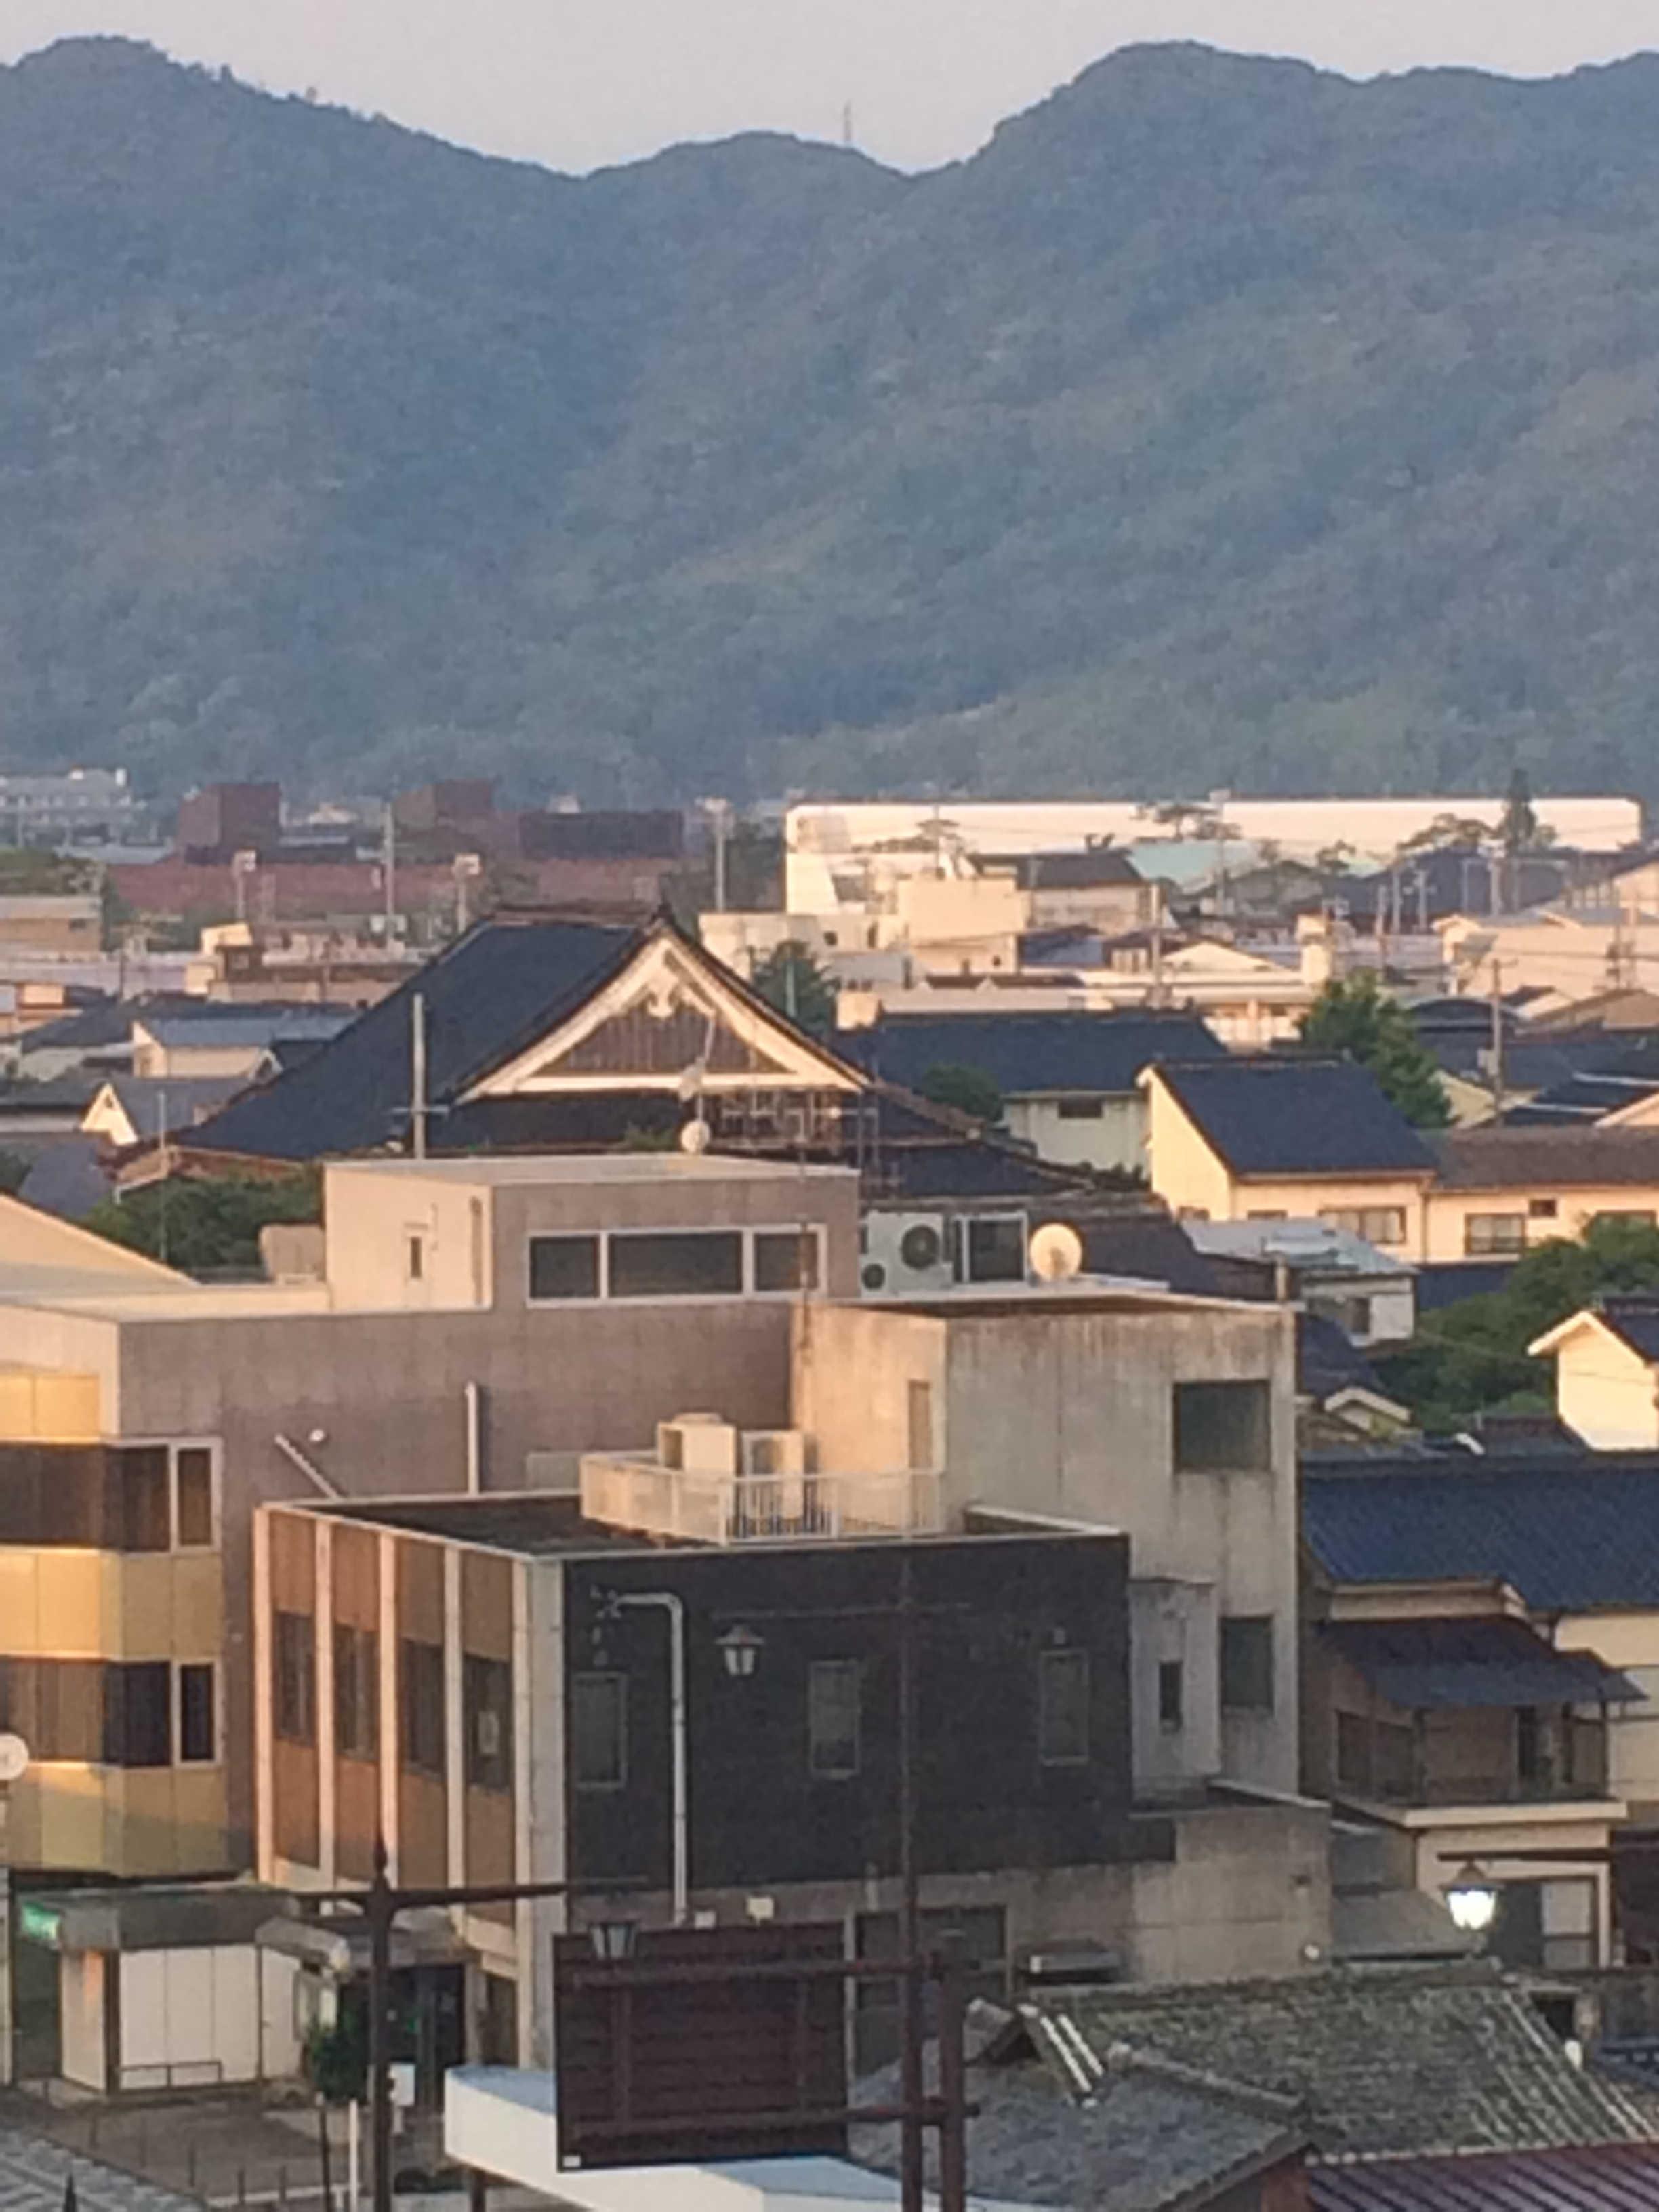 萩グランドホテル天空ホテルからの景観